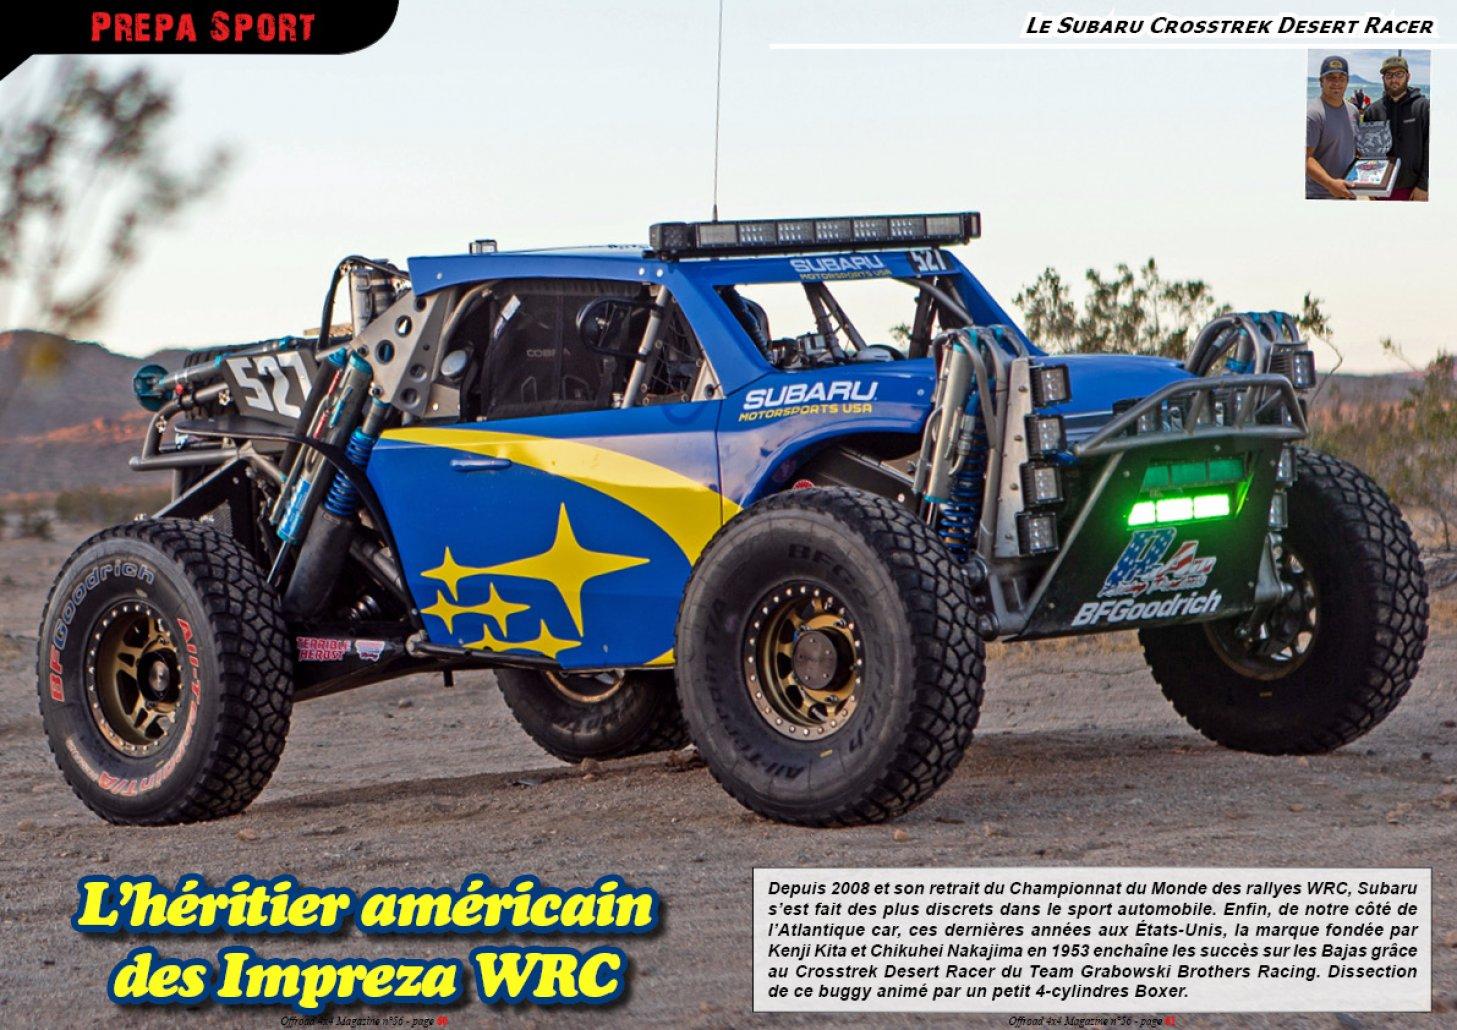 Le Subaru Crosstrek Desert Racer